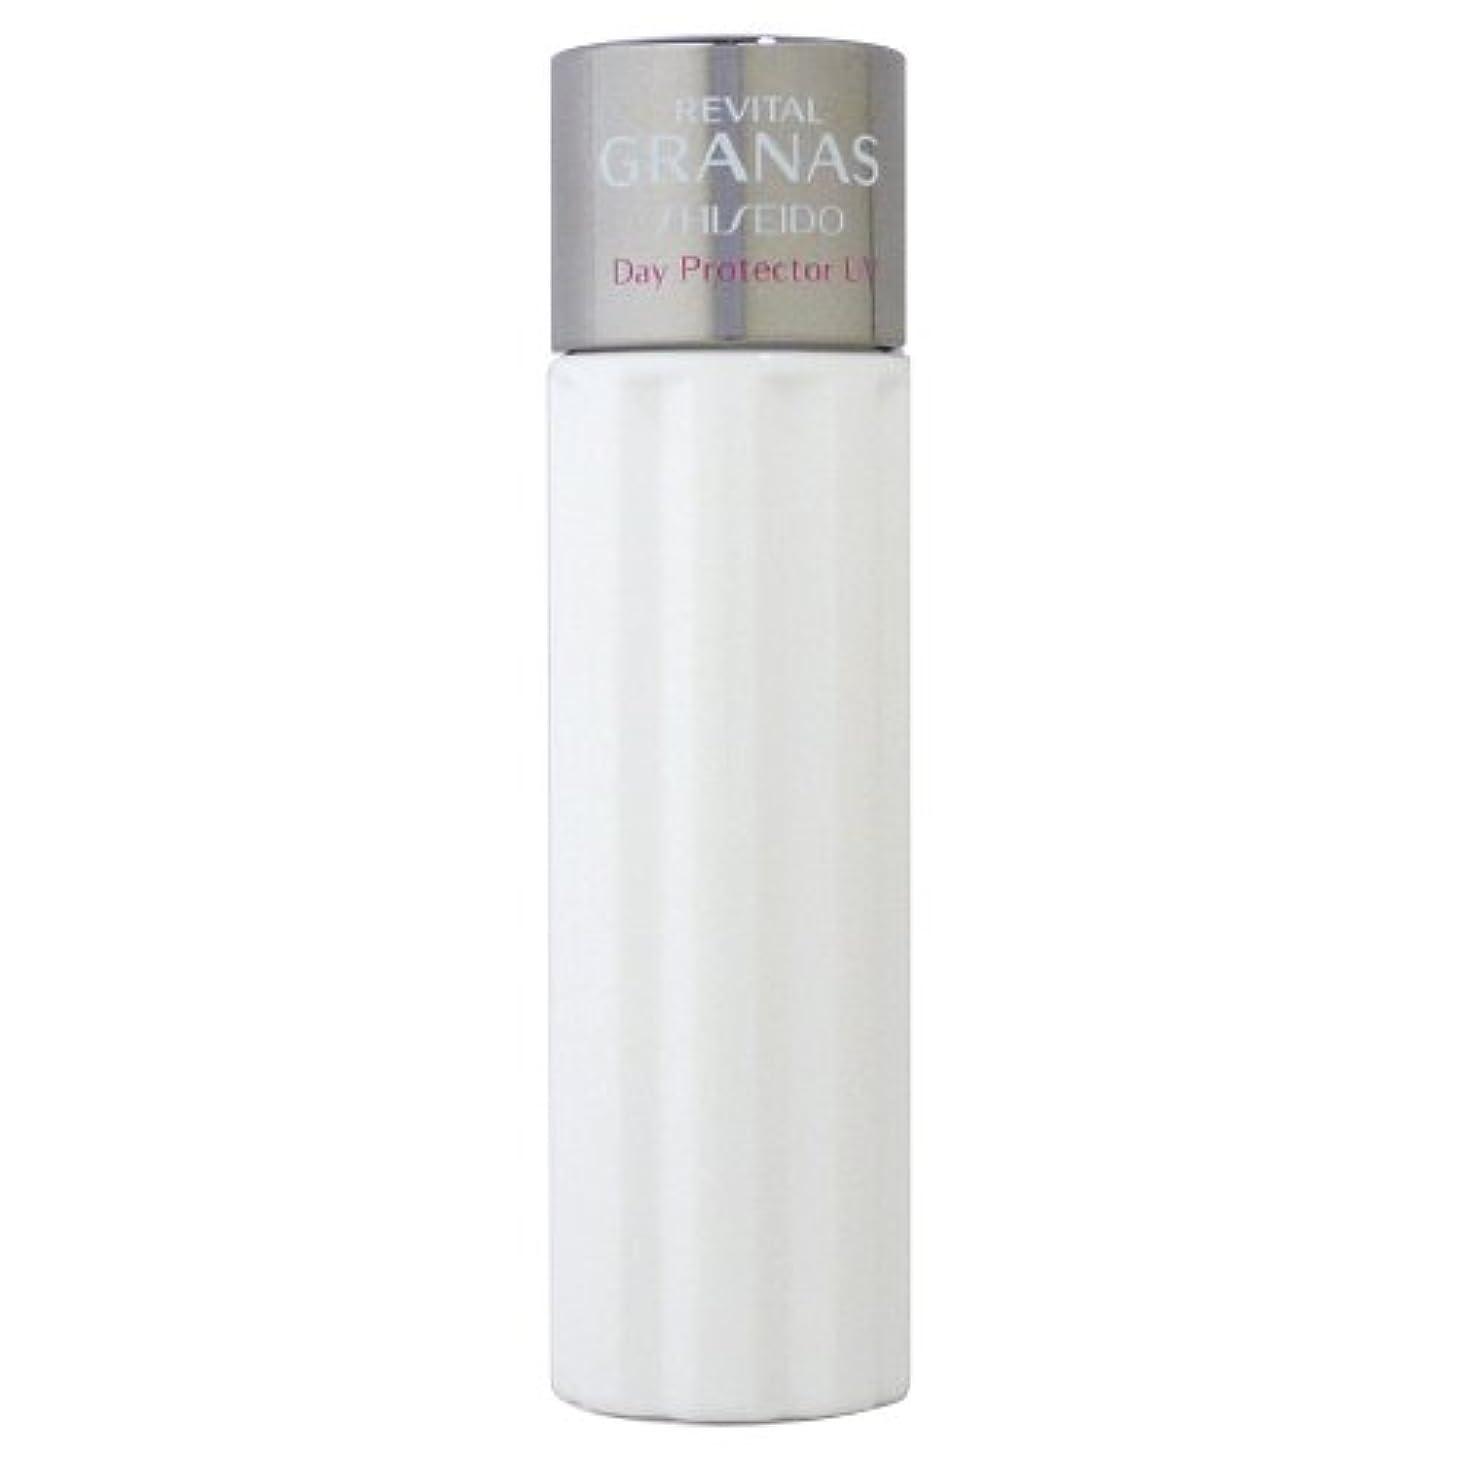 肥満ライブ湿気の多い資生堂 リバイタルグラナス REVITAL GRANAS デープロテクターUV SPF30 PA+++ 50mL